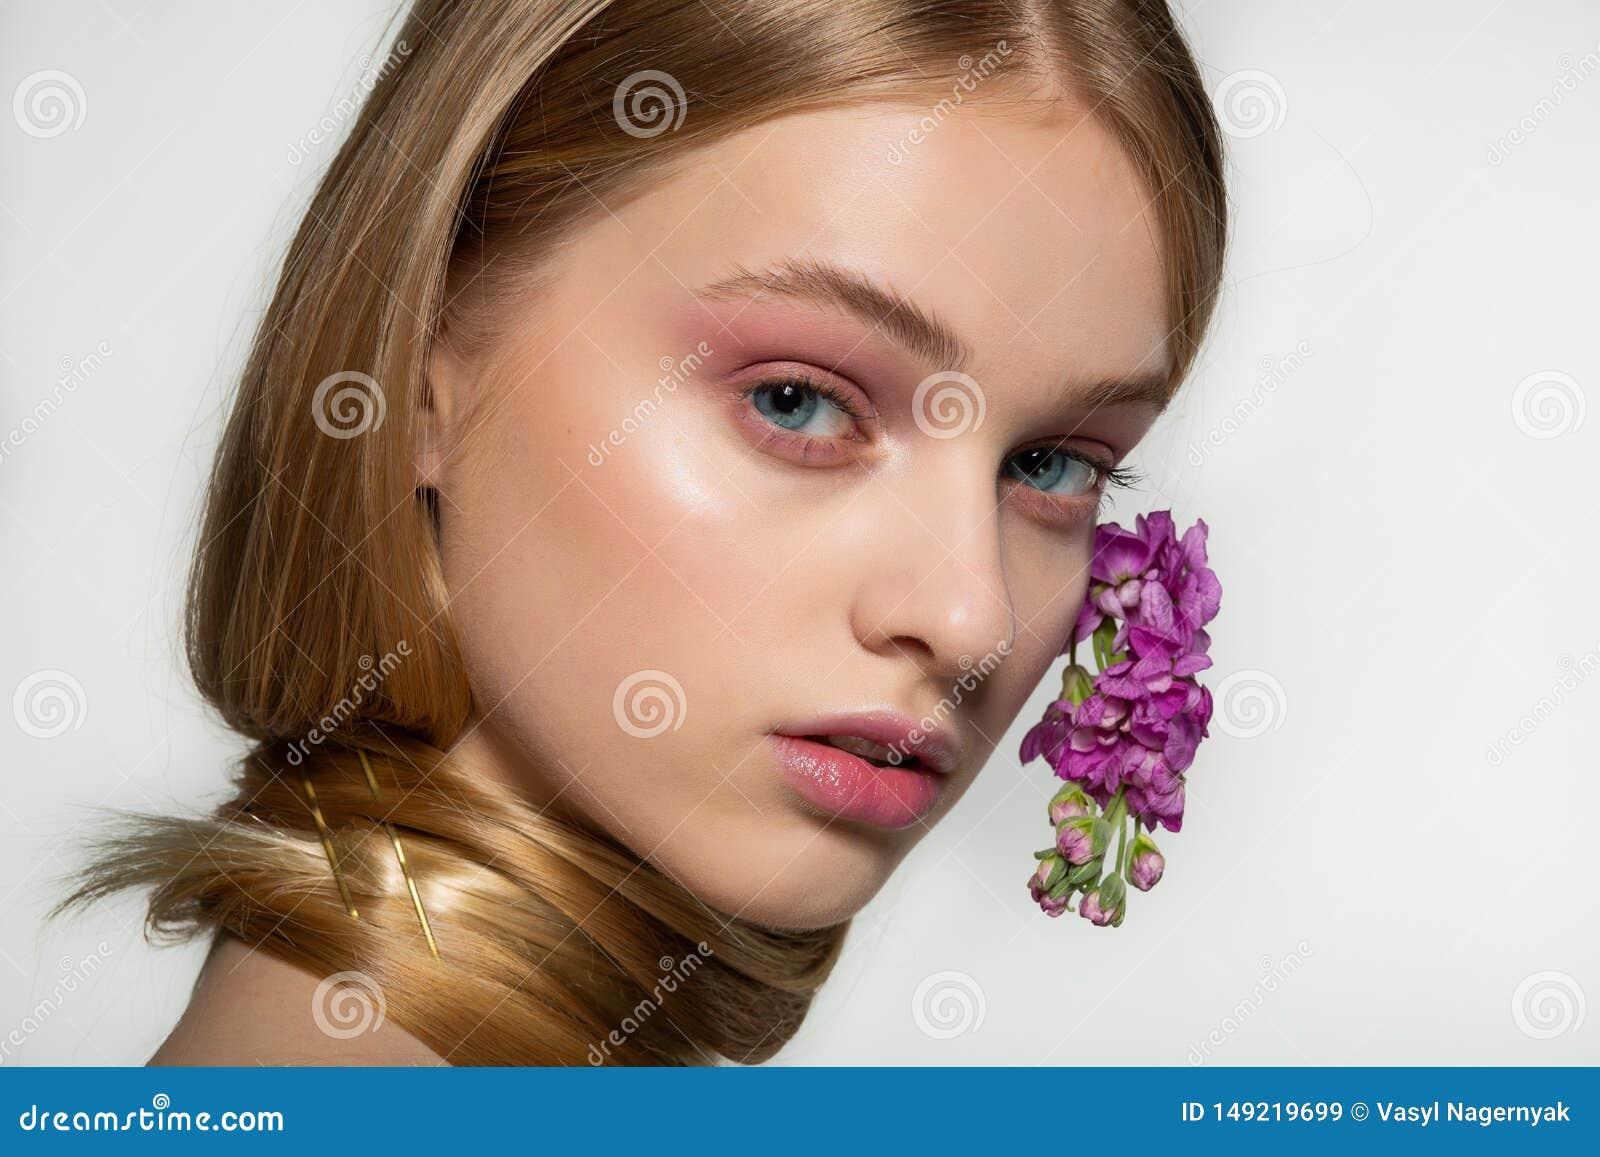 Κλείστε επάνω το πορτρέτο του νέου κοριτσιού με τα μπλε μάτια, φωτεινό makeup, λαιμός που τυλίγεται στην τρίχα, πορφυρά λουλούδια